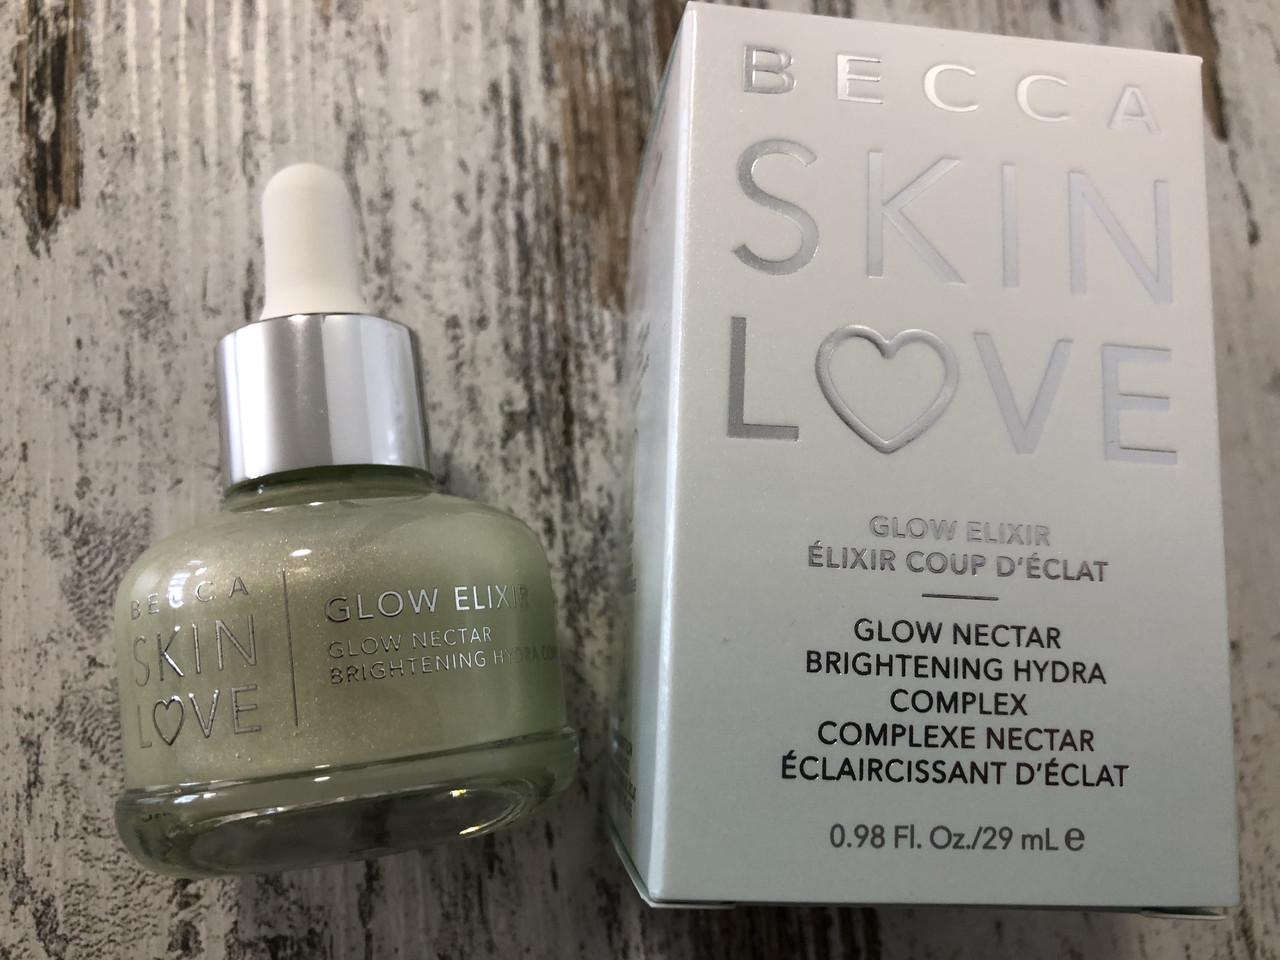 Успокаивающий праймер-сыворотка BECCA Skin Love Glow Elixir